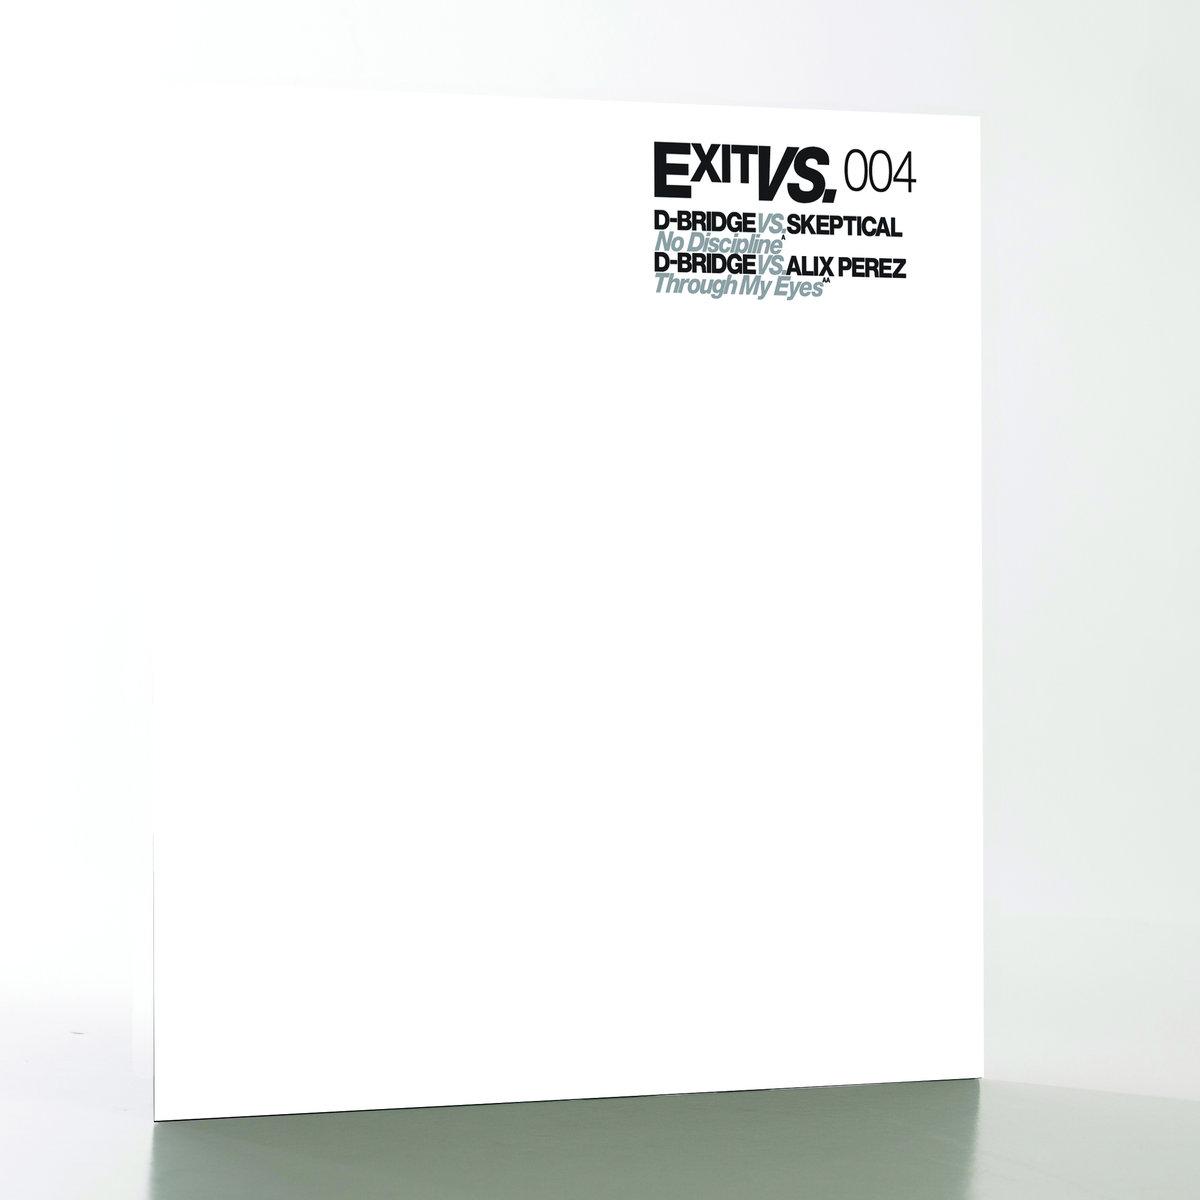 dBridge - ExitVS EP 004-006